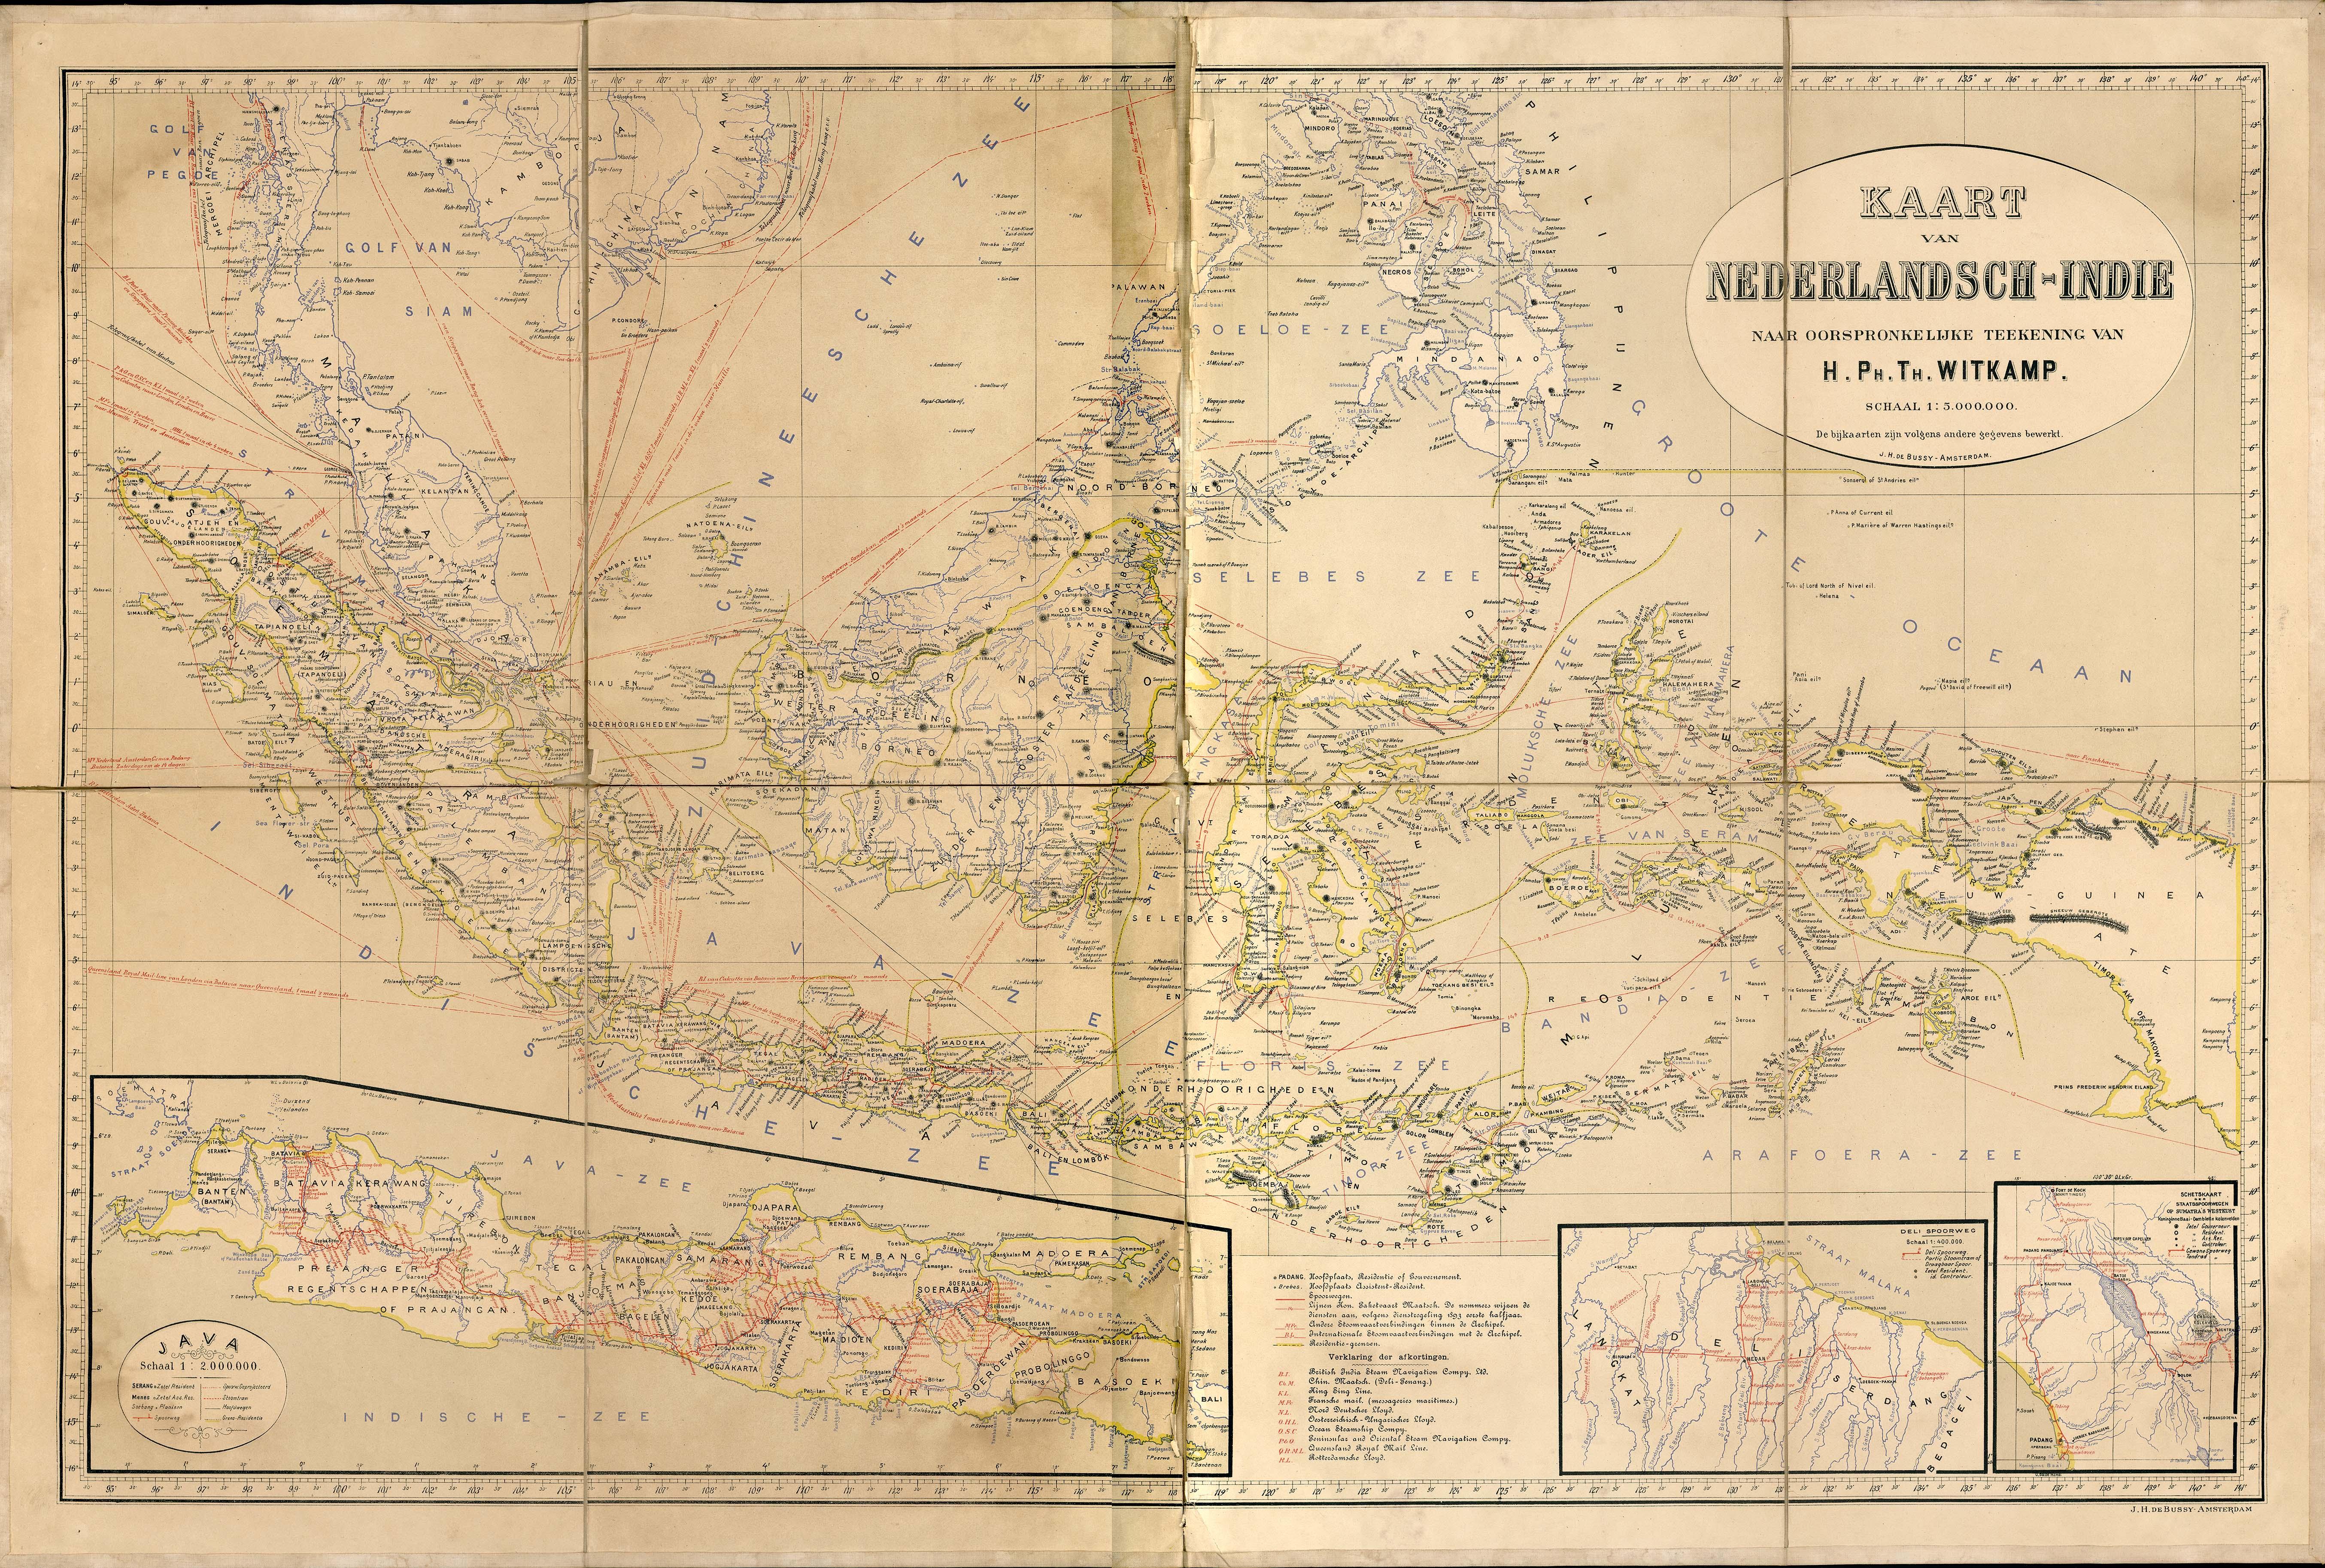 Mapa de Nederlyisch-Indie (Indias Orientales Neerlandesas) Circa 1893